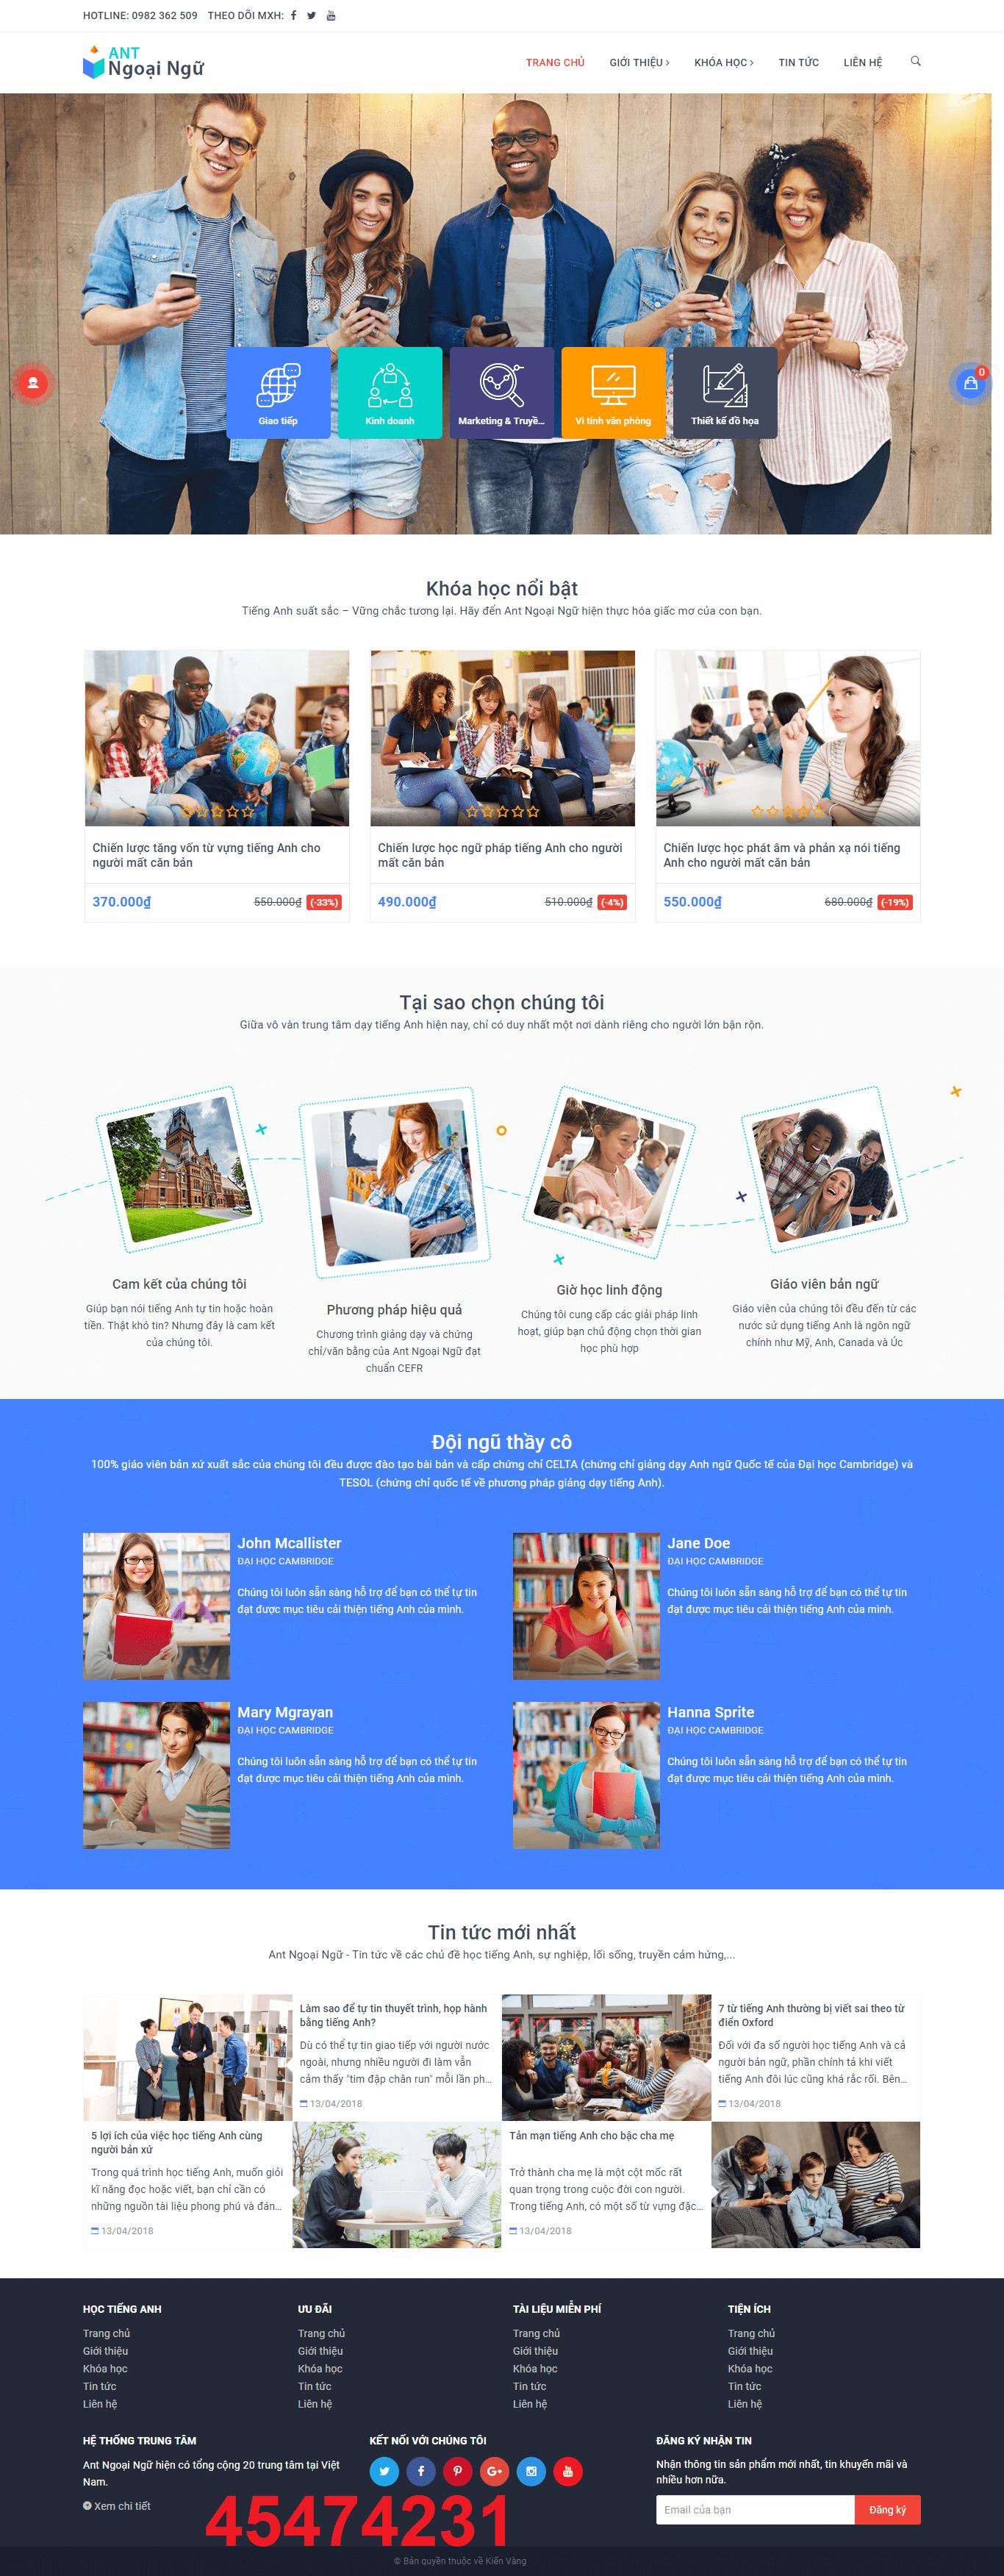 Mẫu web giáo dục 45474231